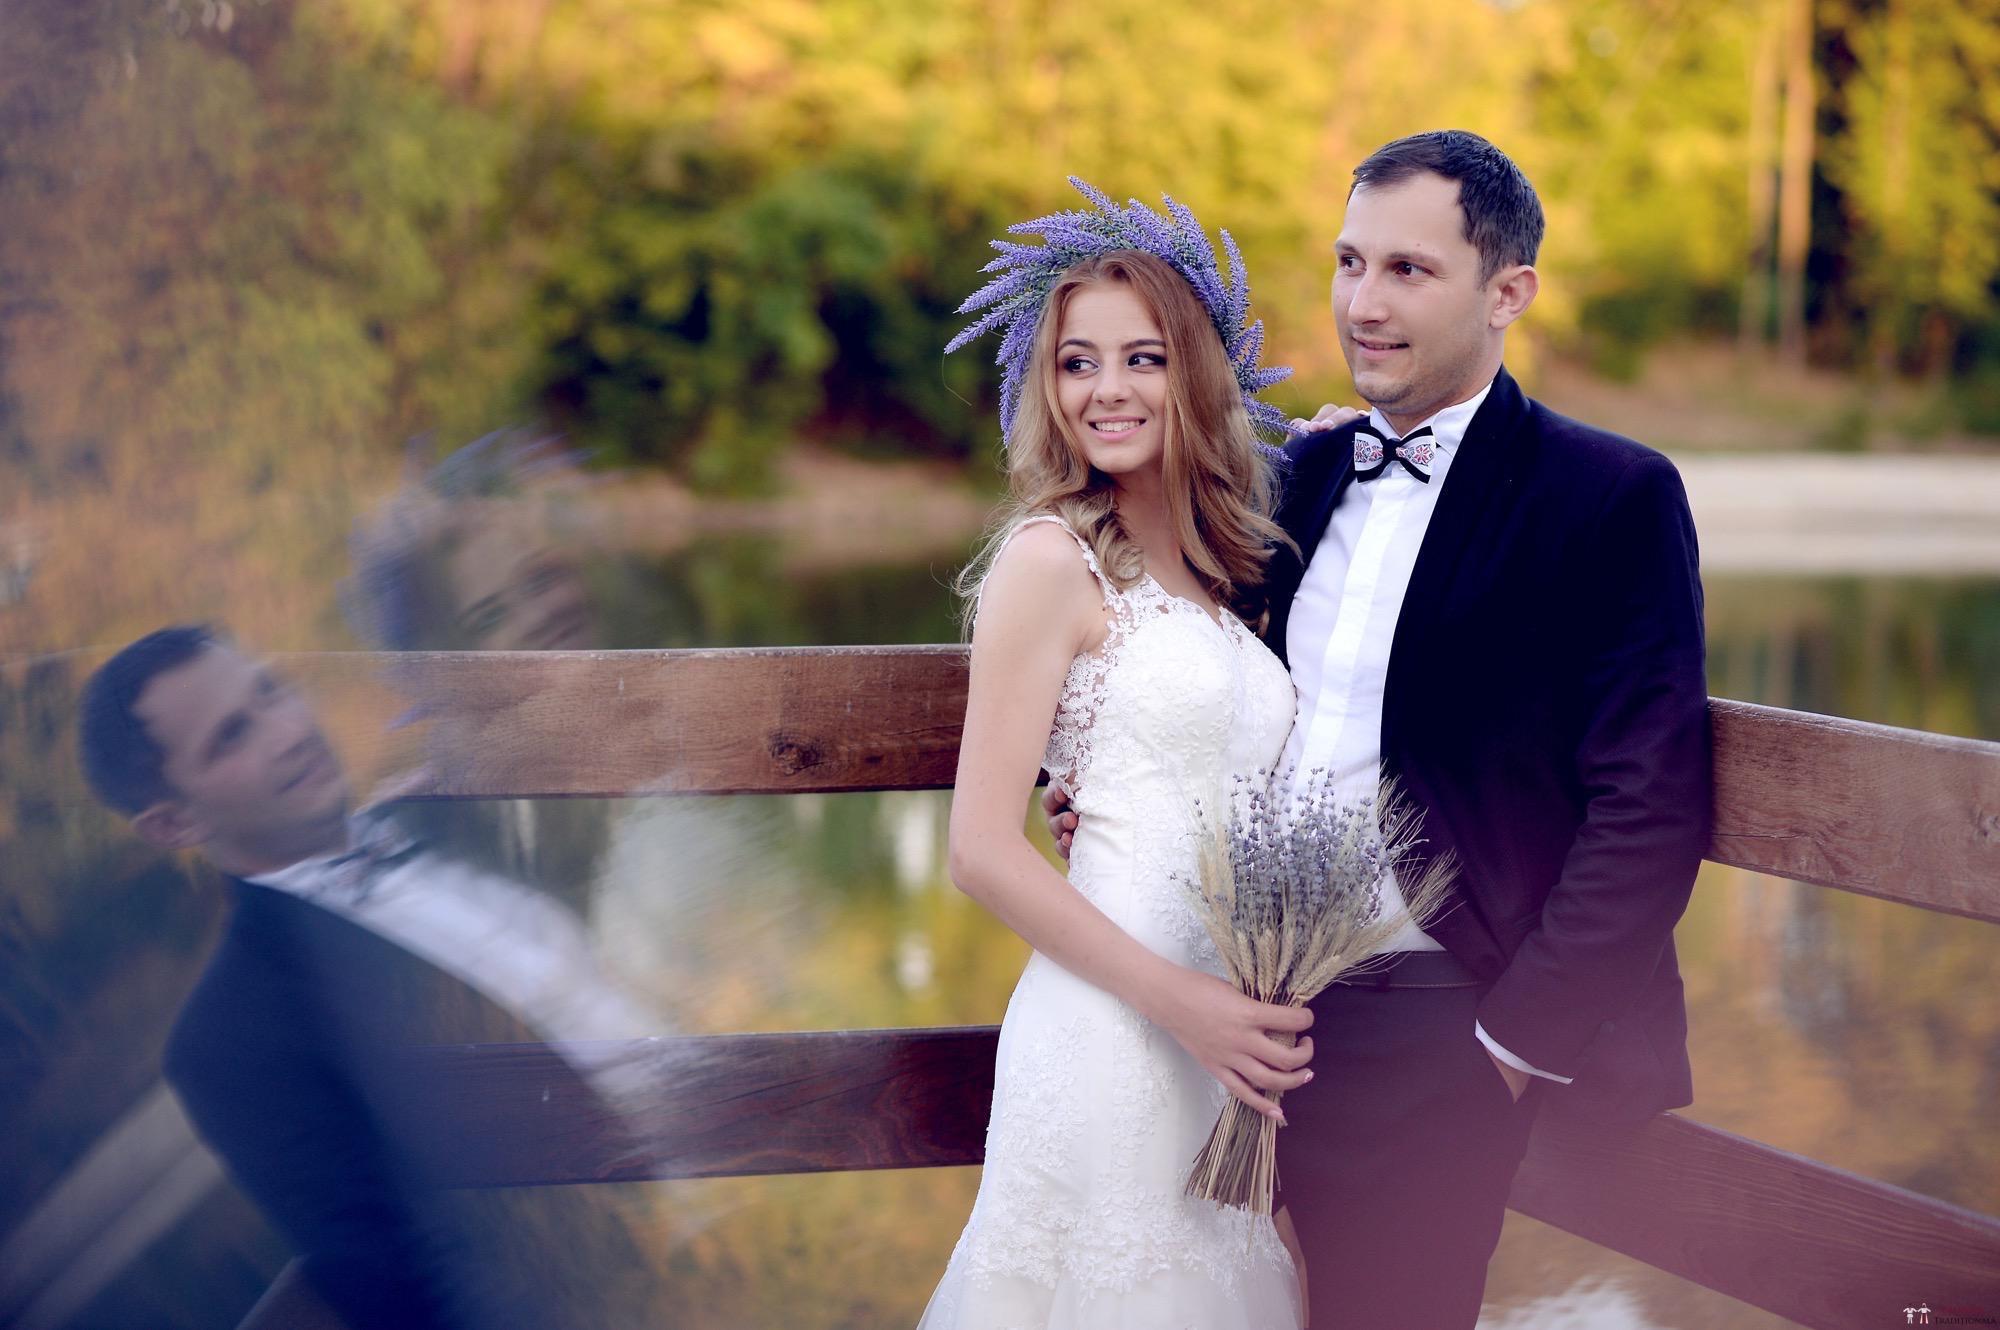 Povești Nunți Tradiționale - Iulia și Andrei. Nuntă tradițională în Bucovina. 86